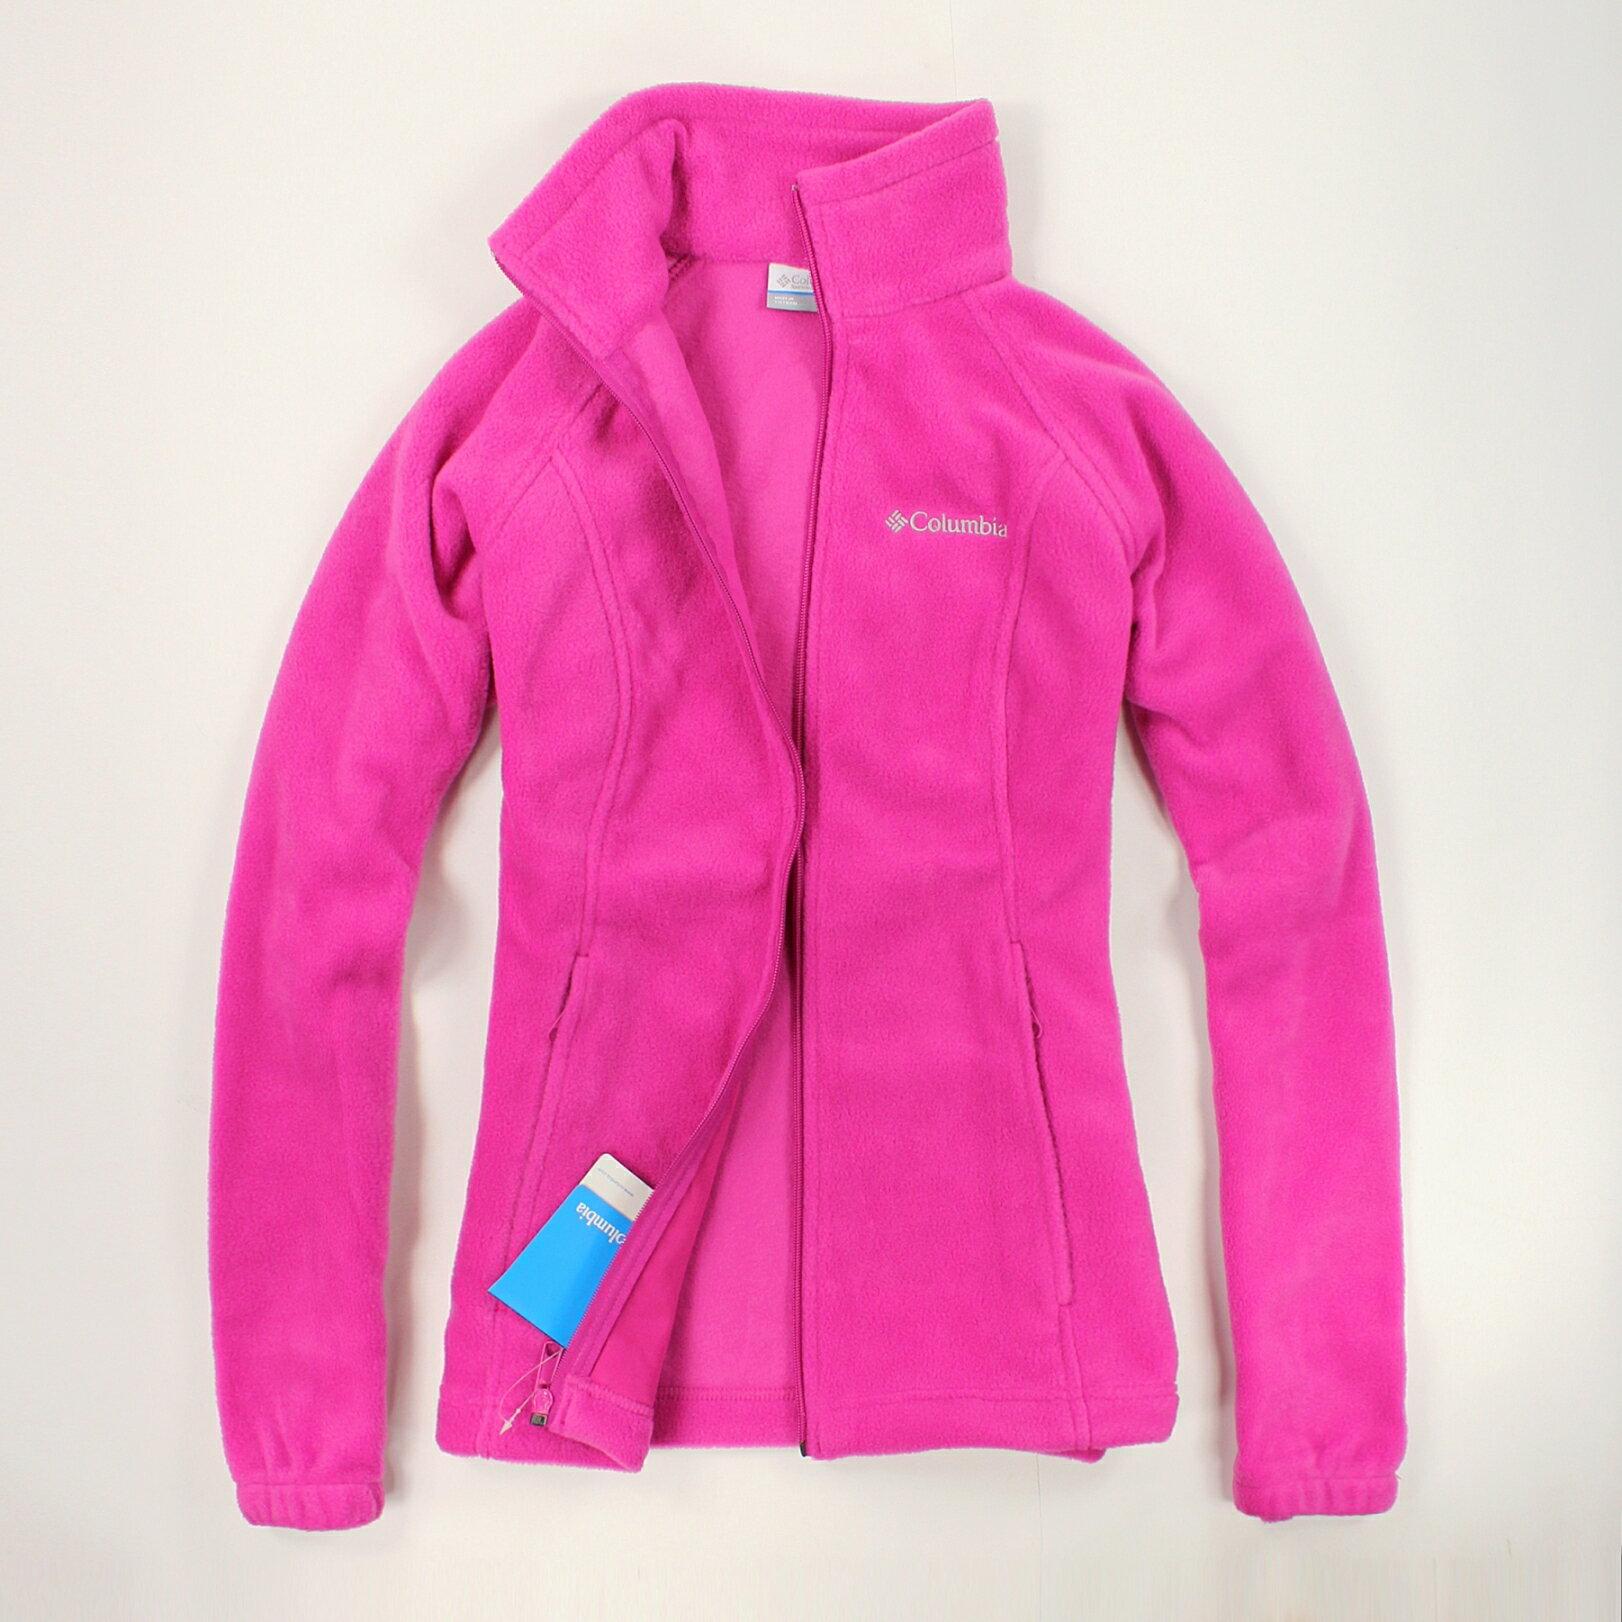 美國百分百【全新真品】Columbia 外套 刷毛外套 輕巧 fleece 保暖 哥倫比亞 粉紅 女 S M號 B534